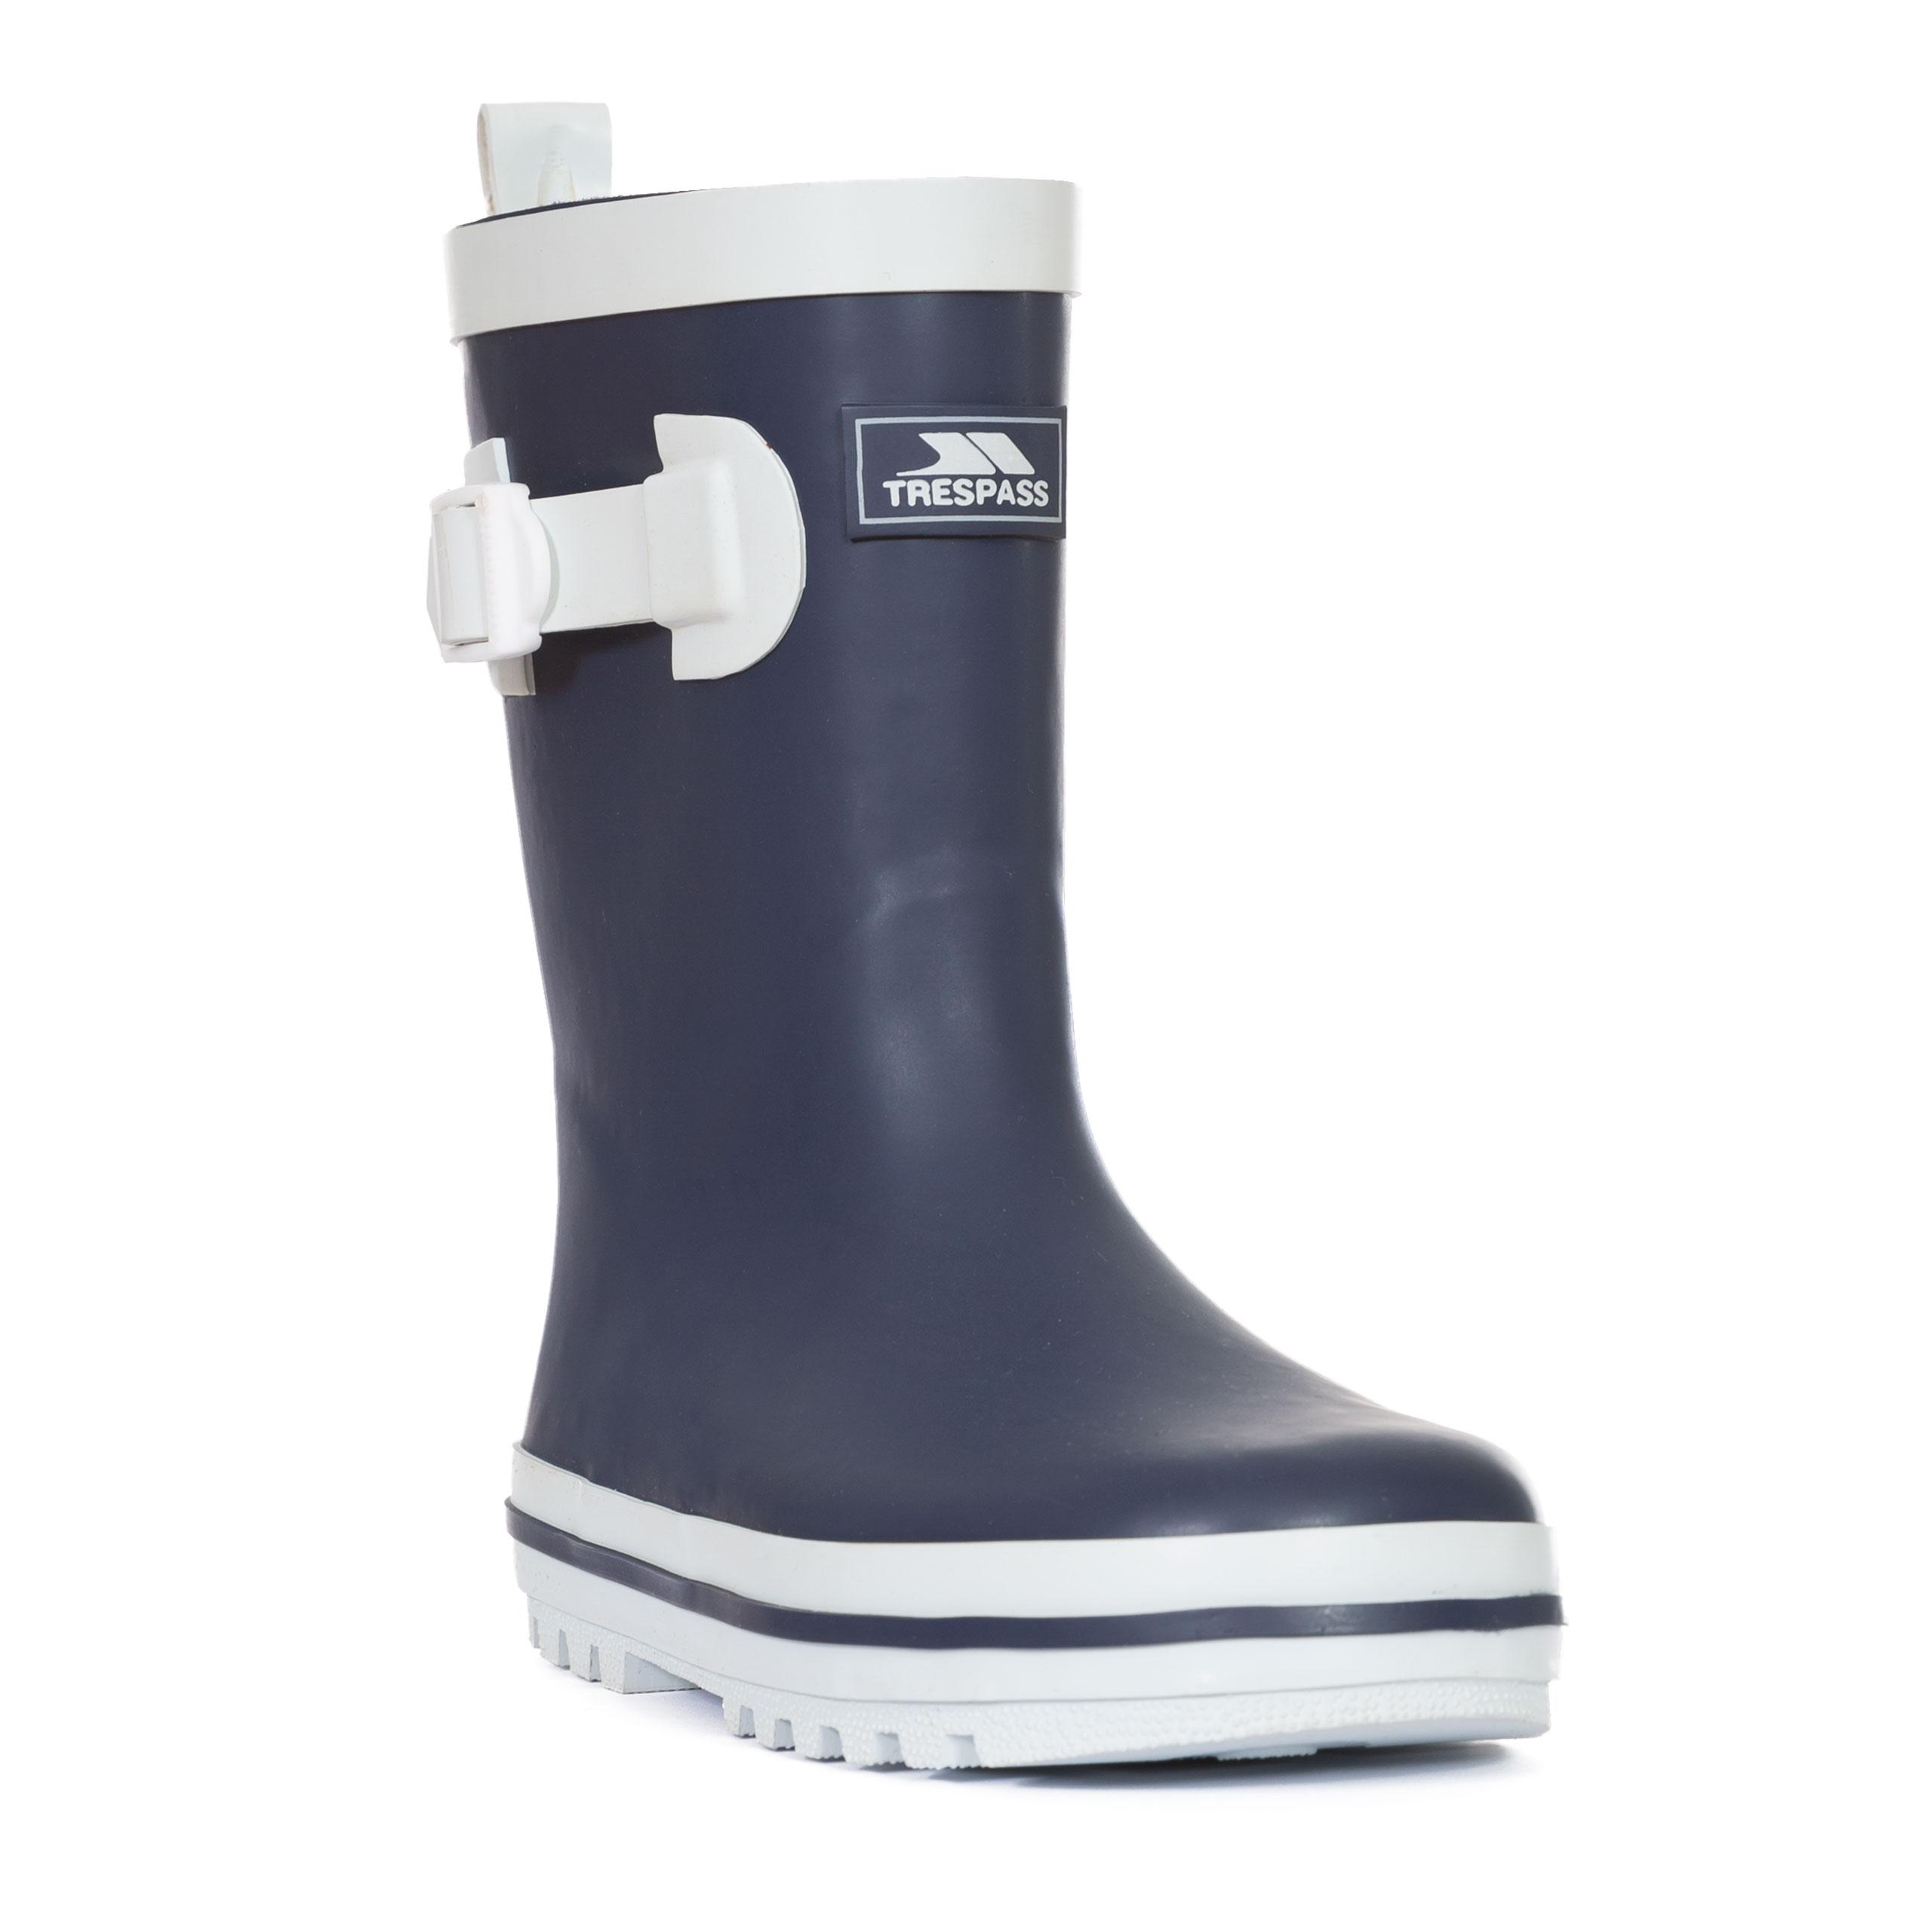 Trespass-Trumpet-Kids-Waterproof-Rain-Wellies-Boys-Girls-Rubber-Wellington-Boot thumbnail 19